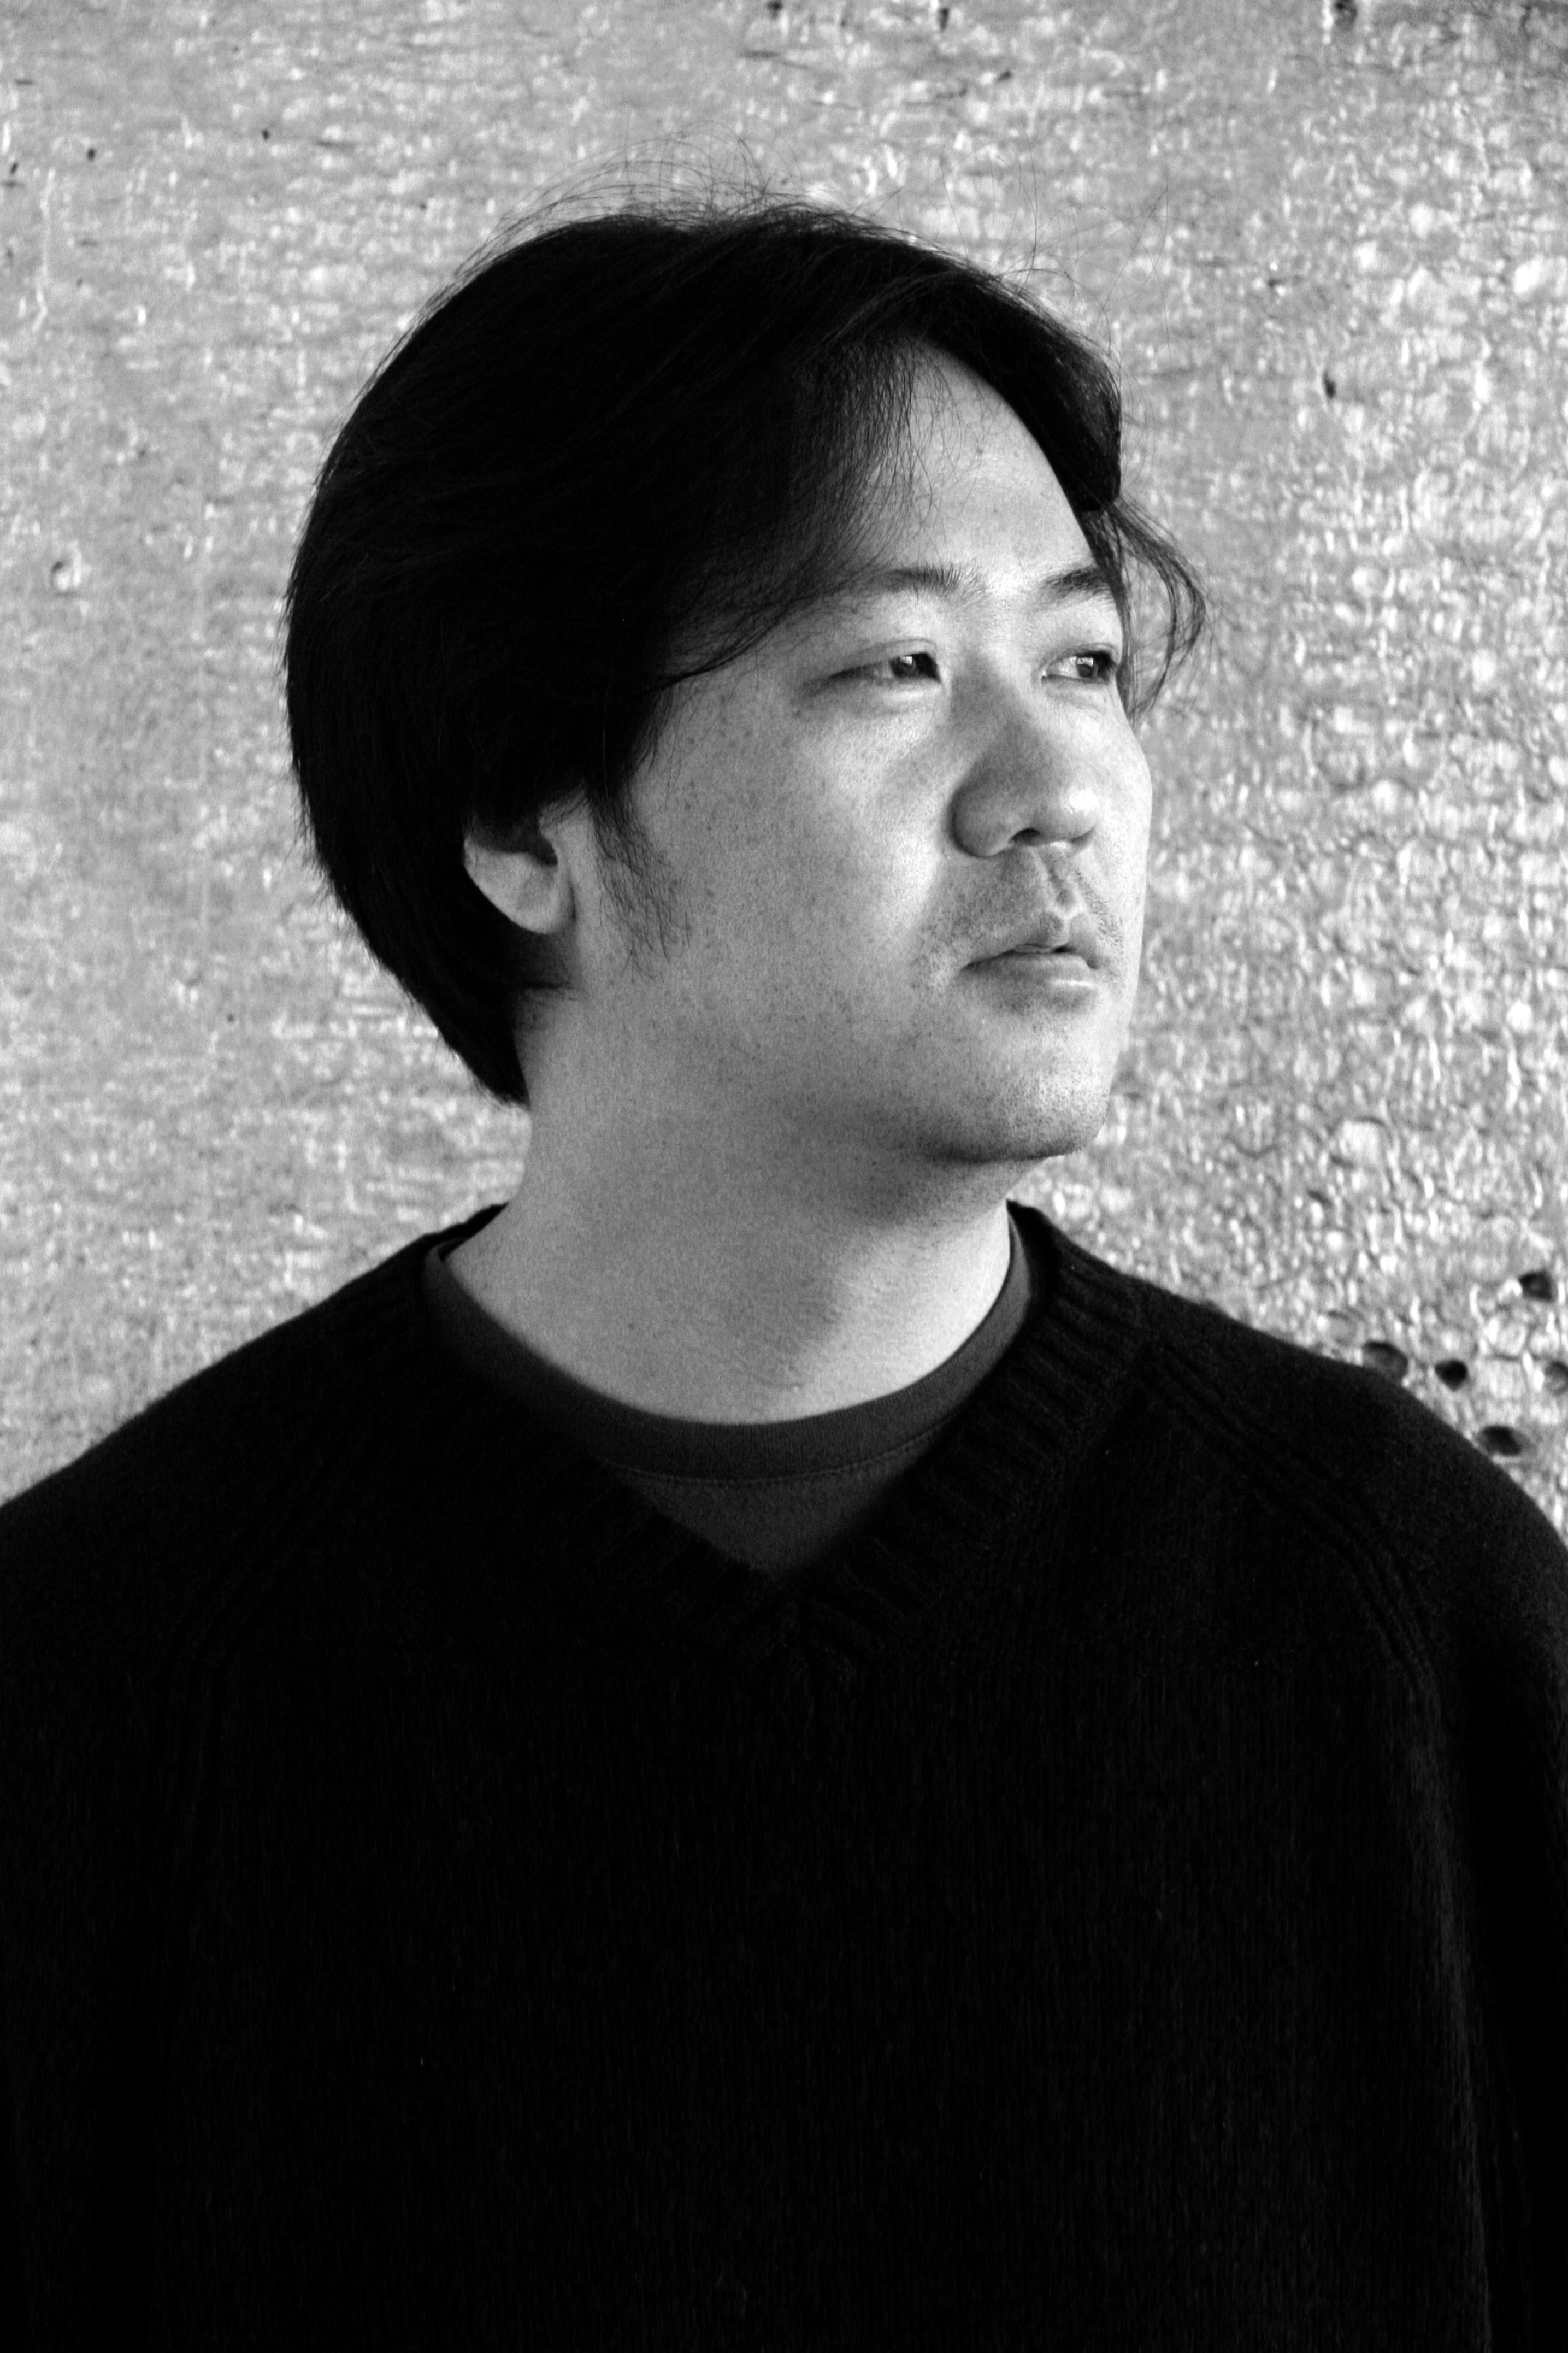 JongSeo Lee